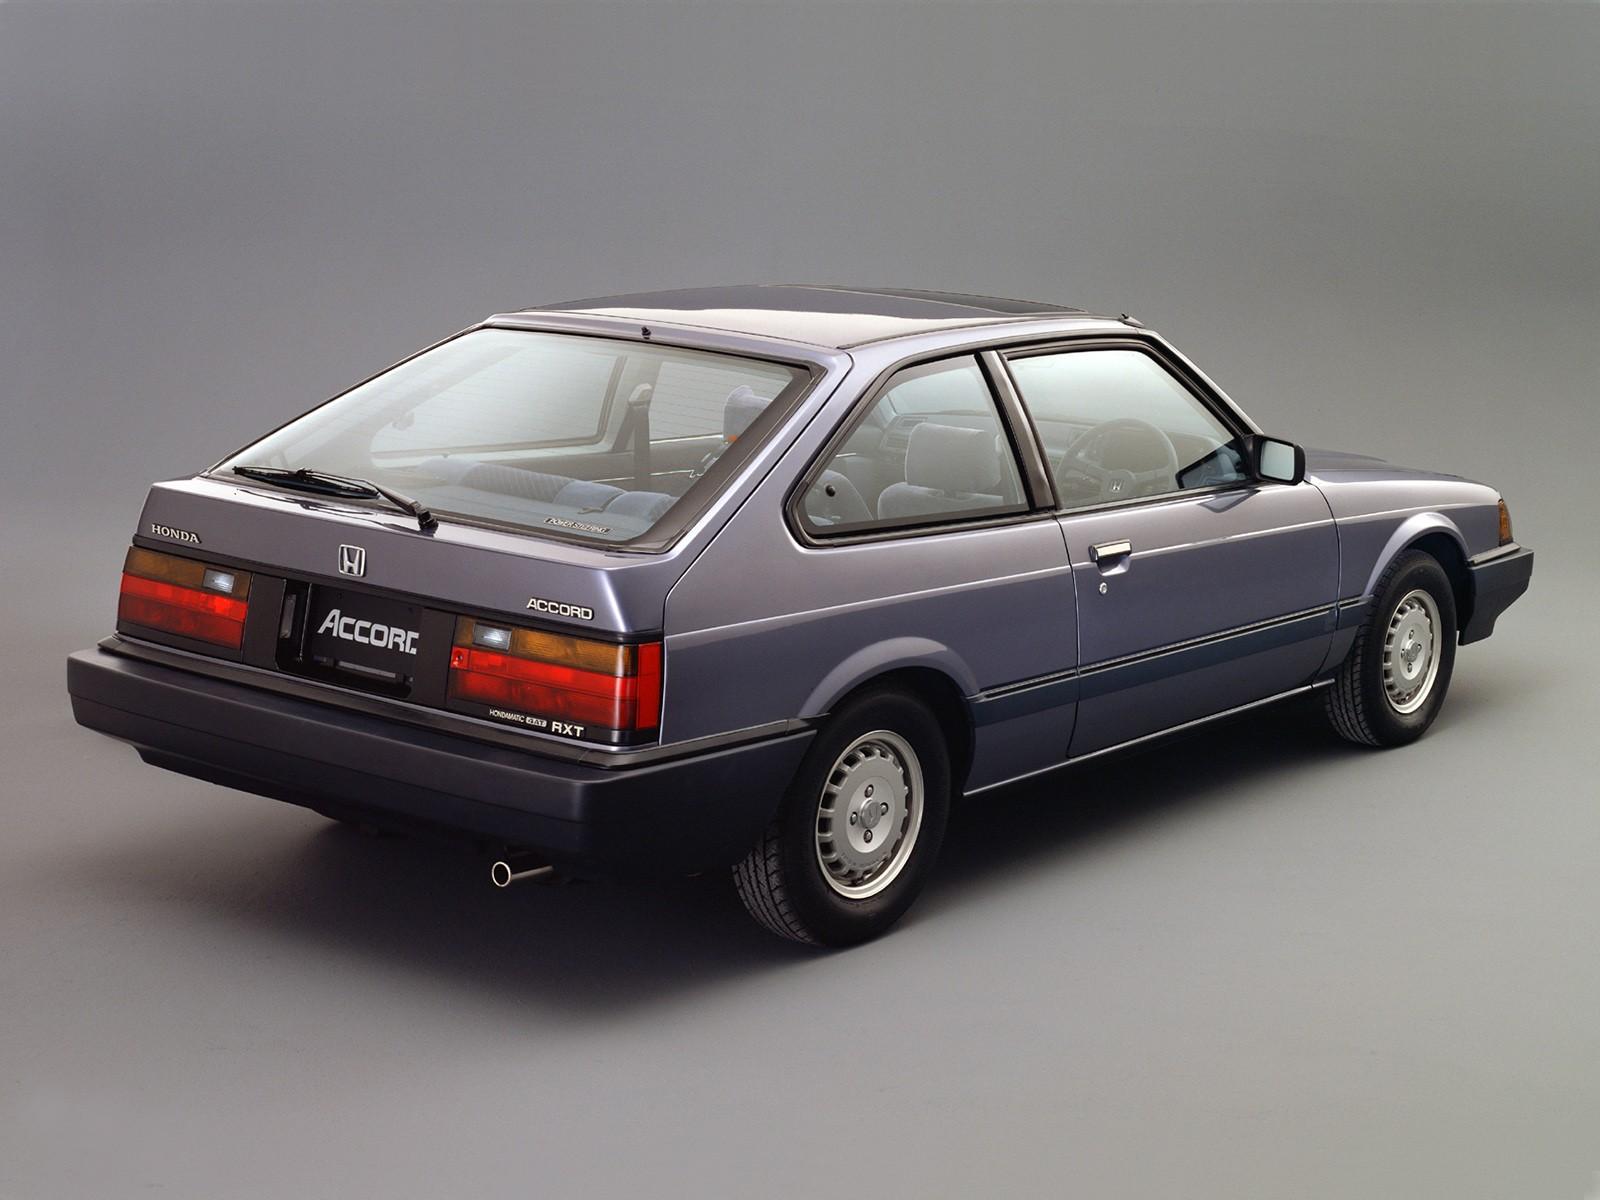 HONDA Accord 3 Doors specs - 1981, 1982, 1983, 1984, 1985 - autoevolution